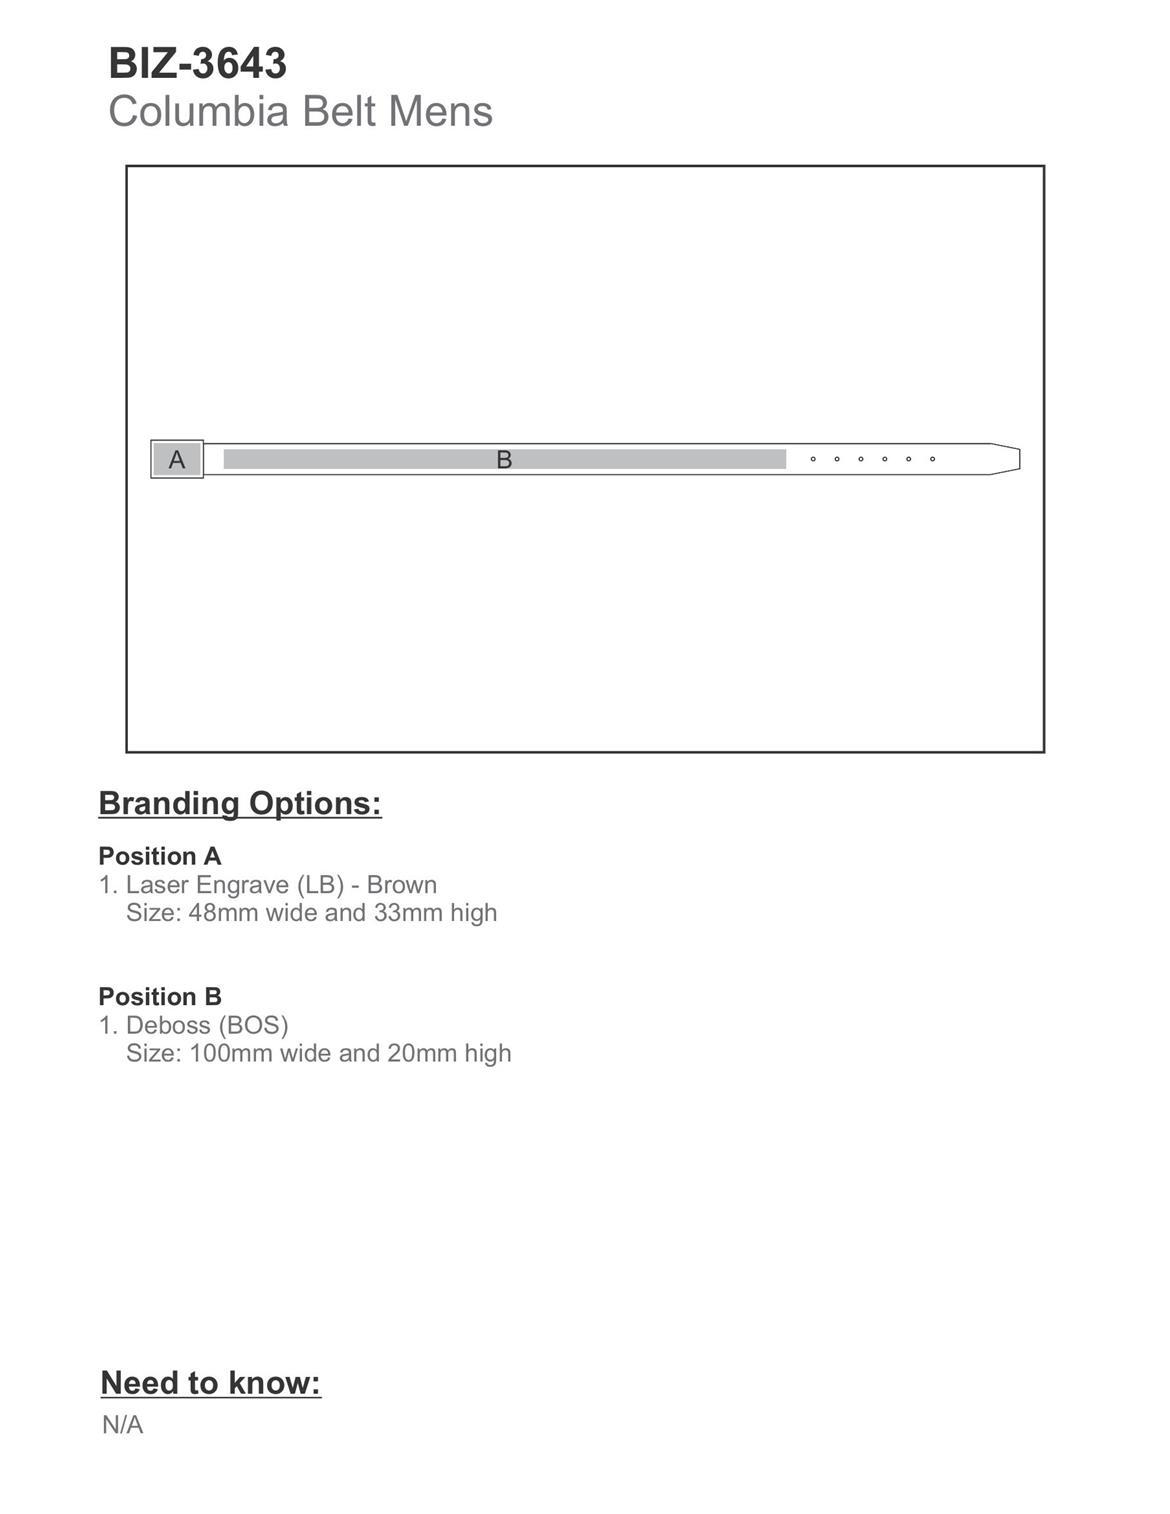 BIZ-3643 product layout